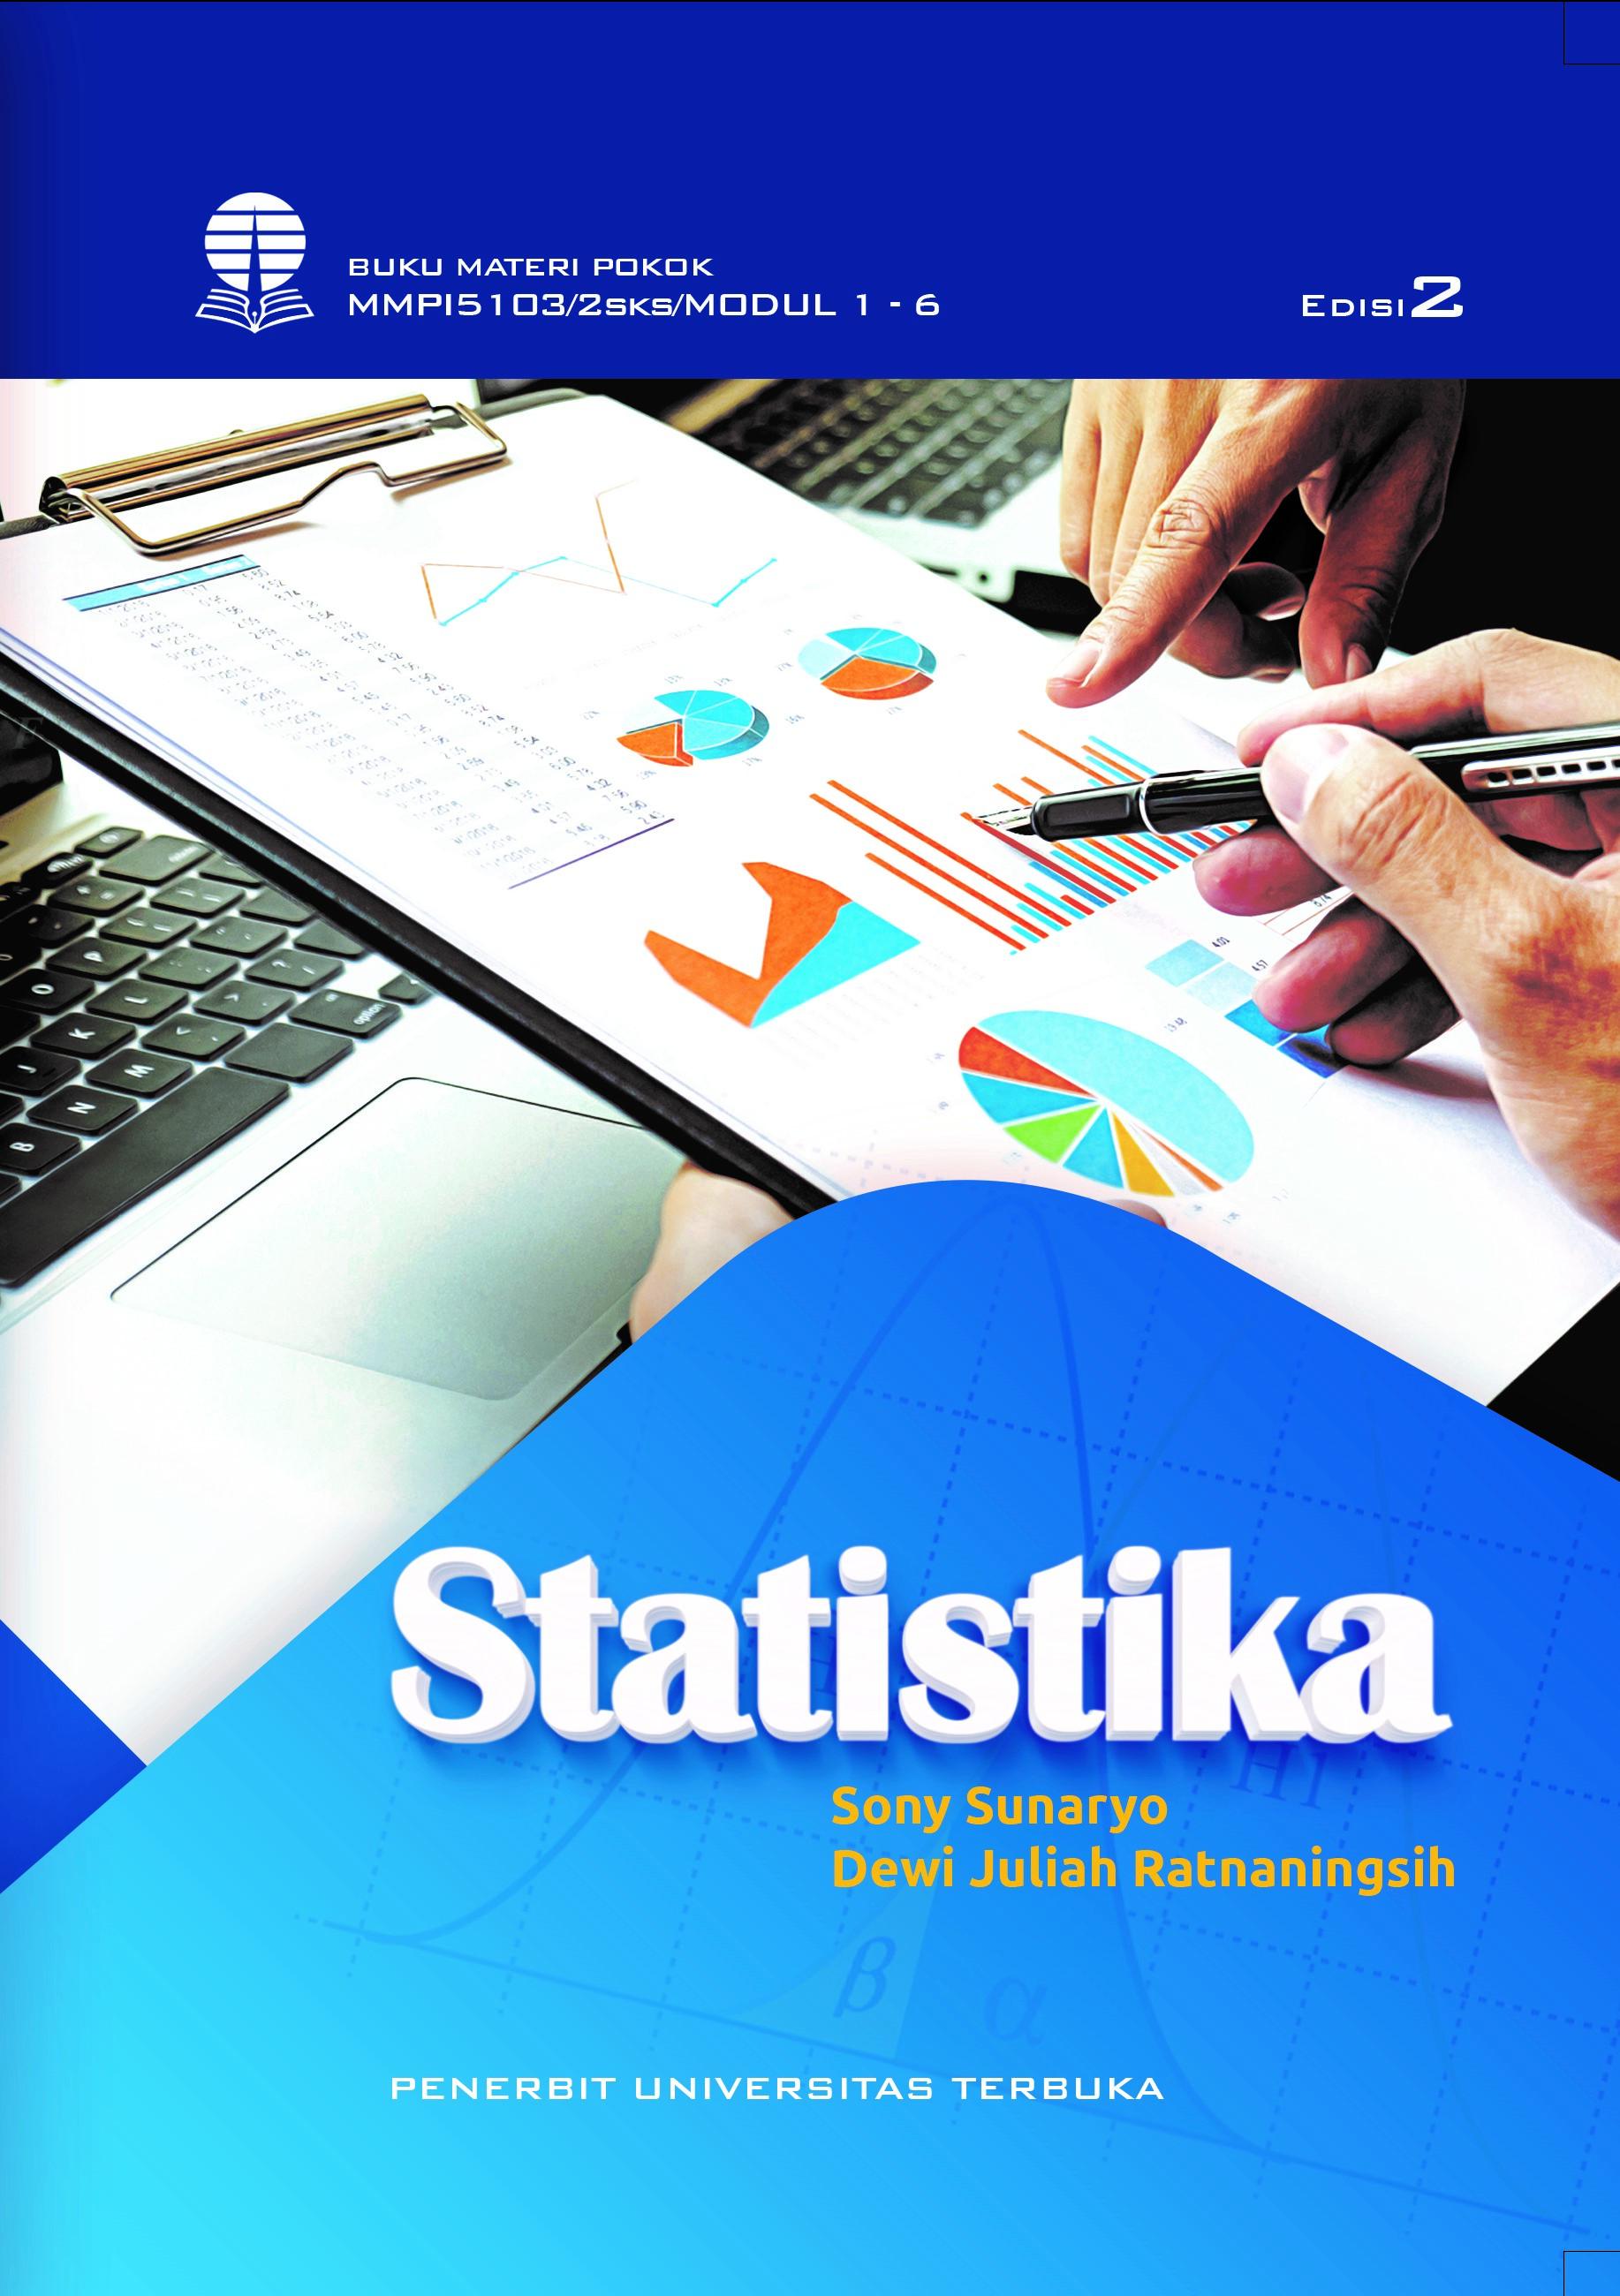 MMPI510302 - Statistika